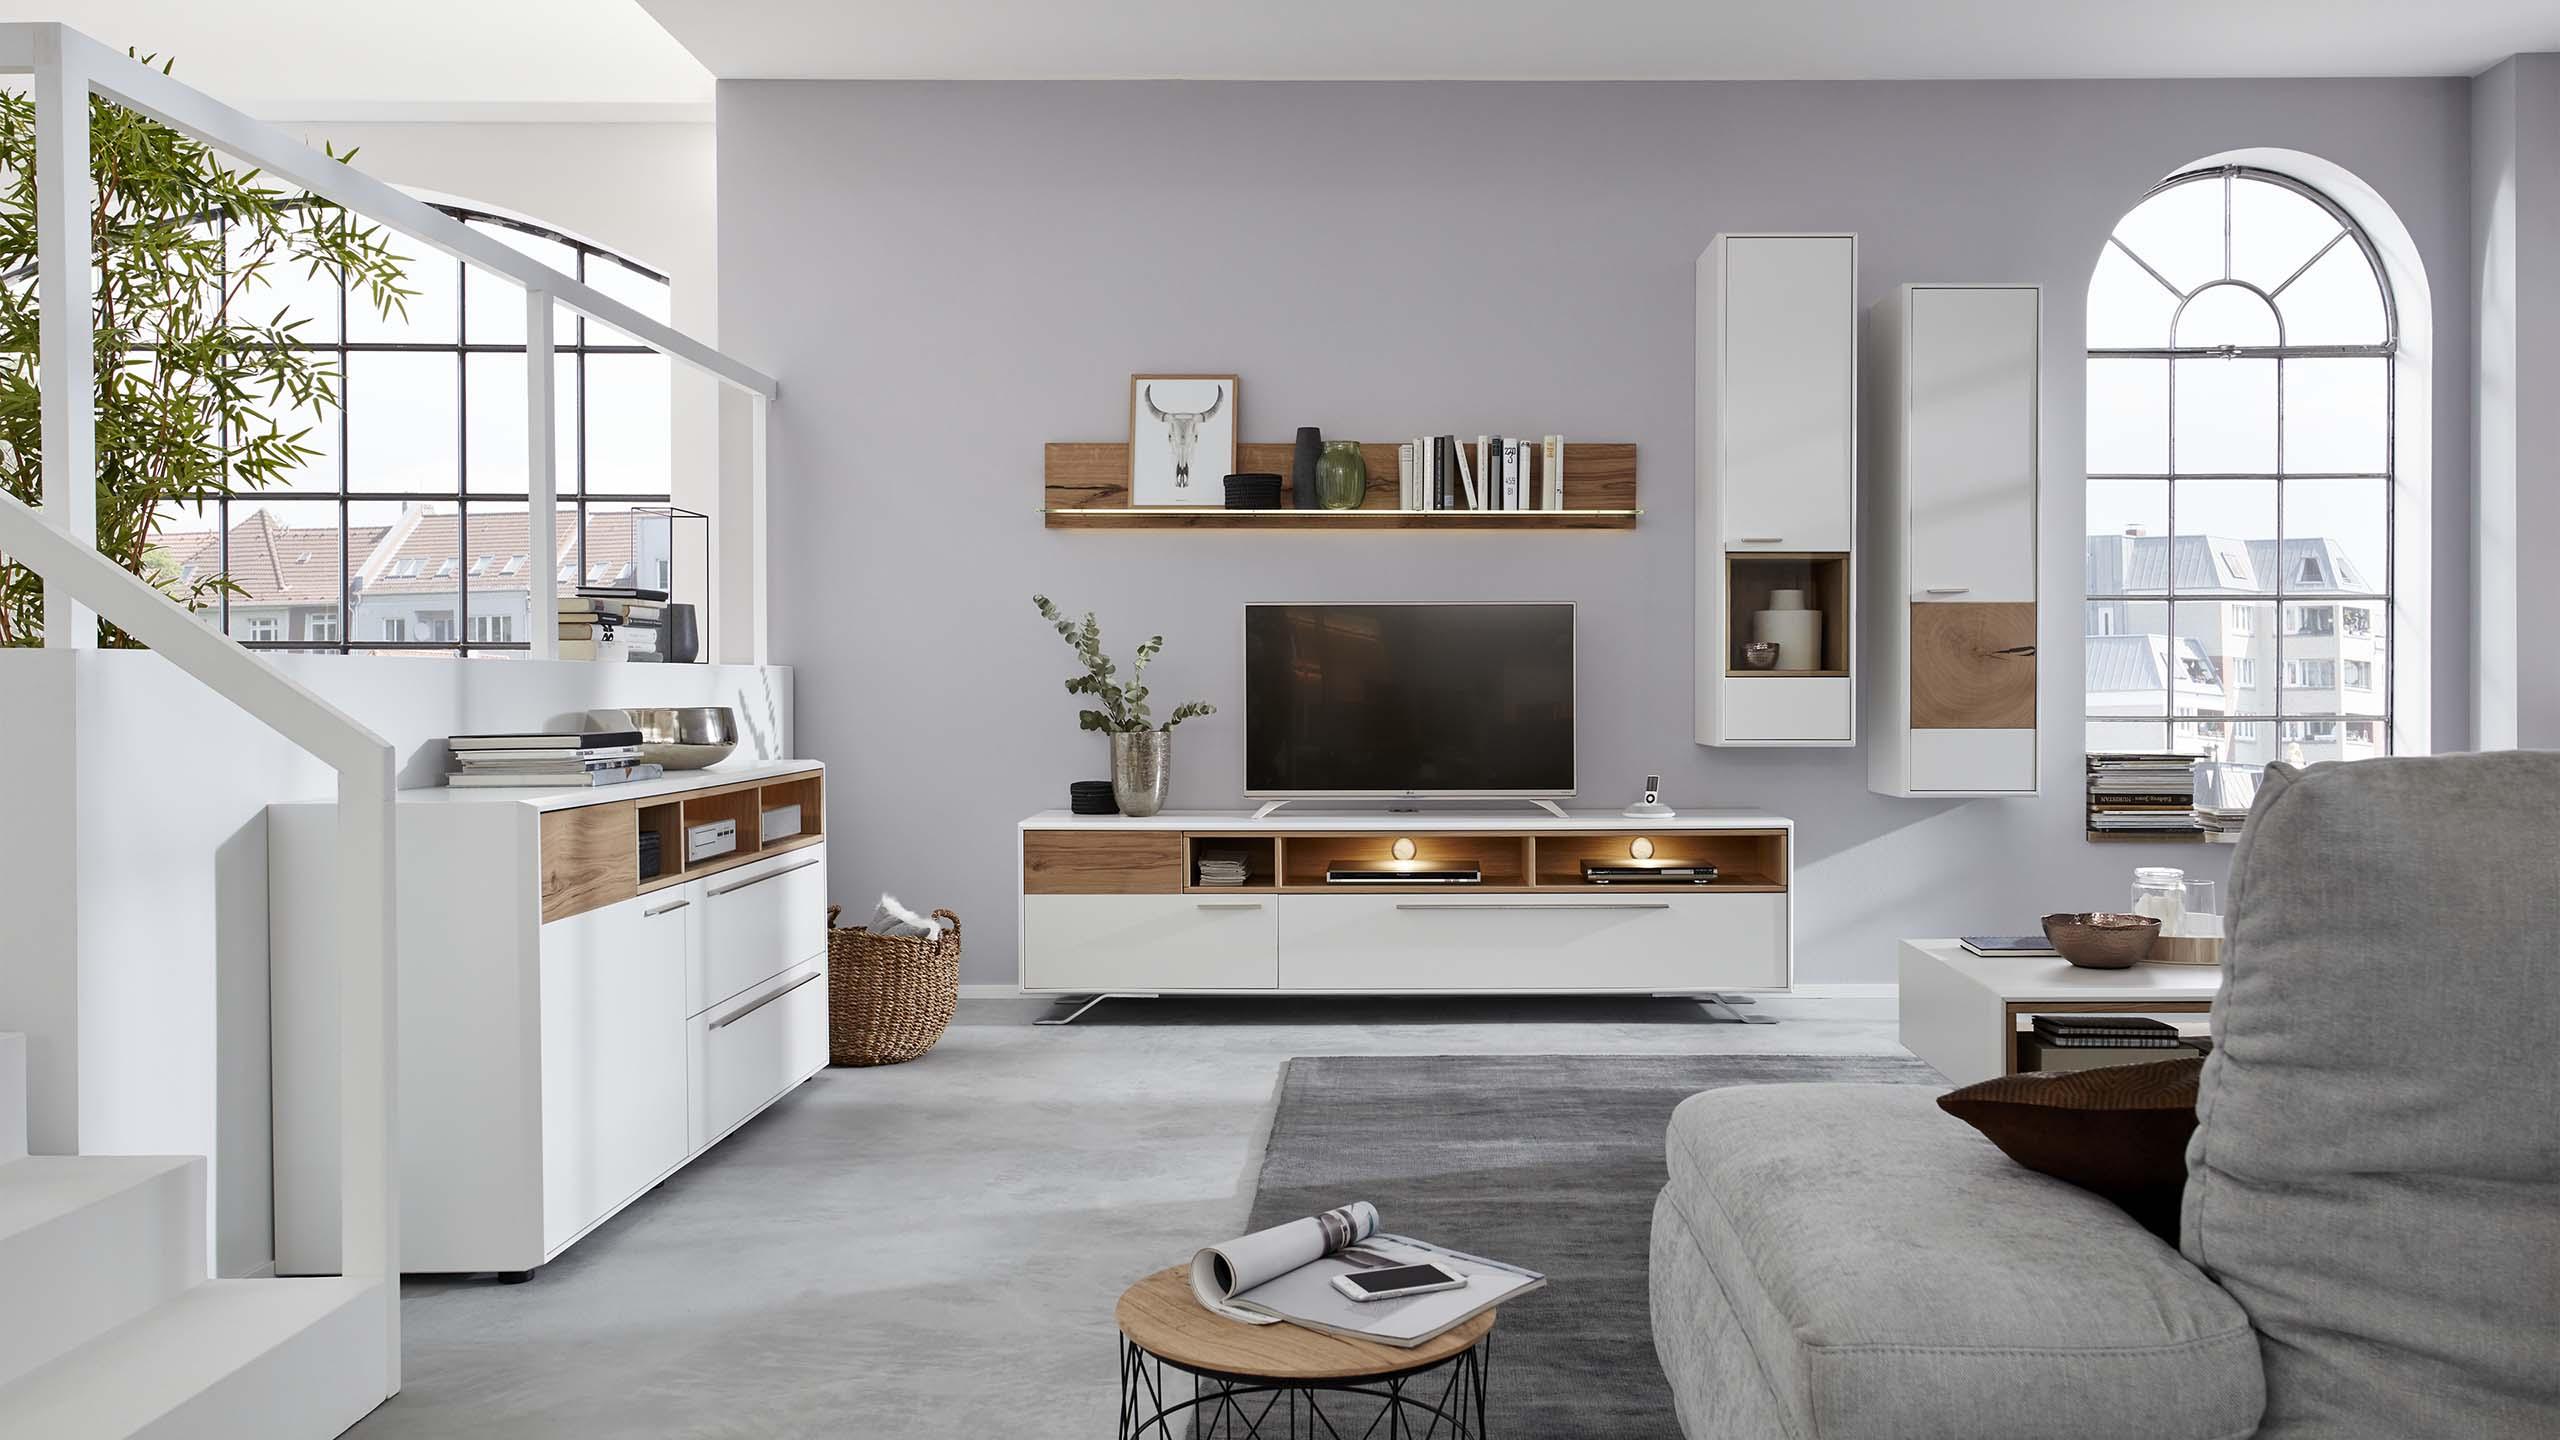 Interliving Wohnzimmer Serie 2102 | Interliving - Möbel für mich gemacht